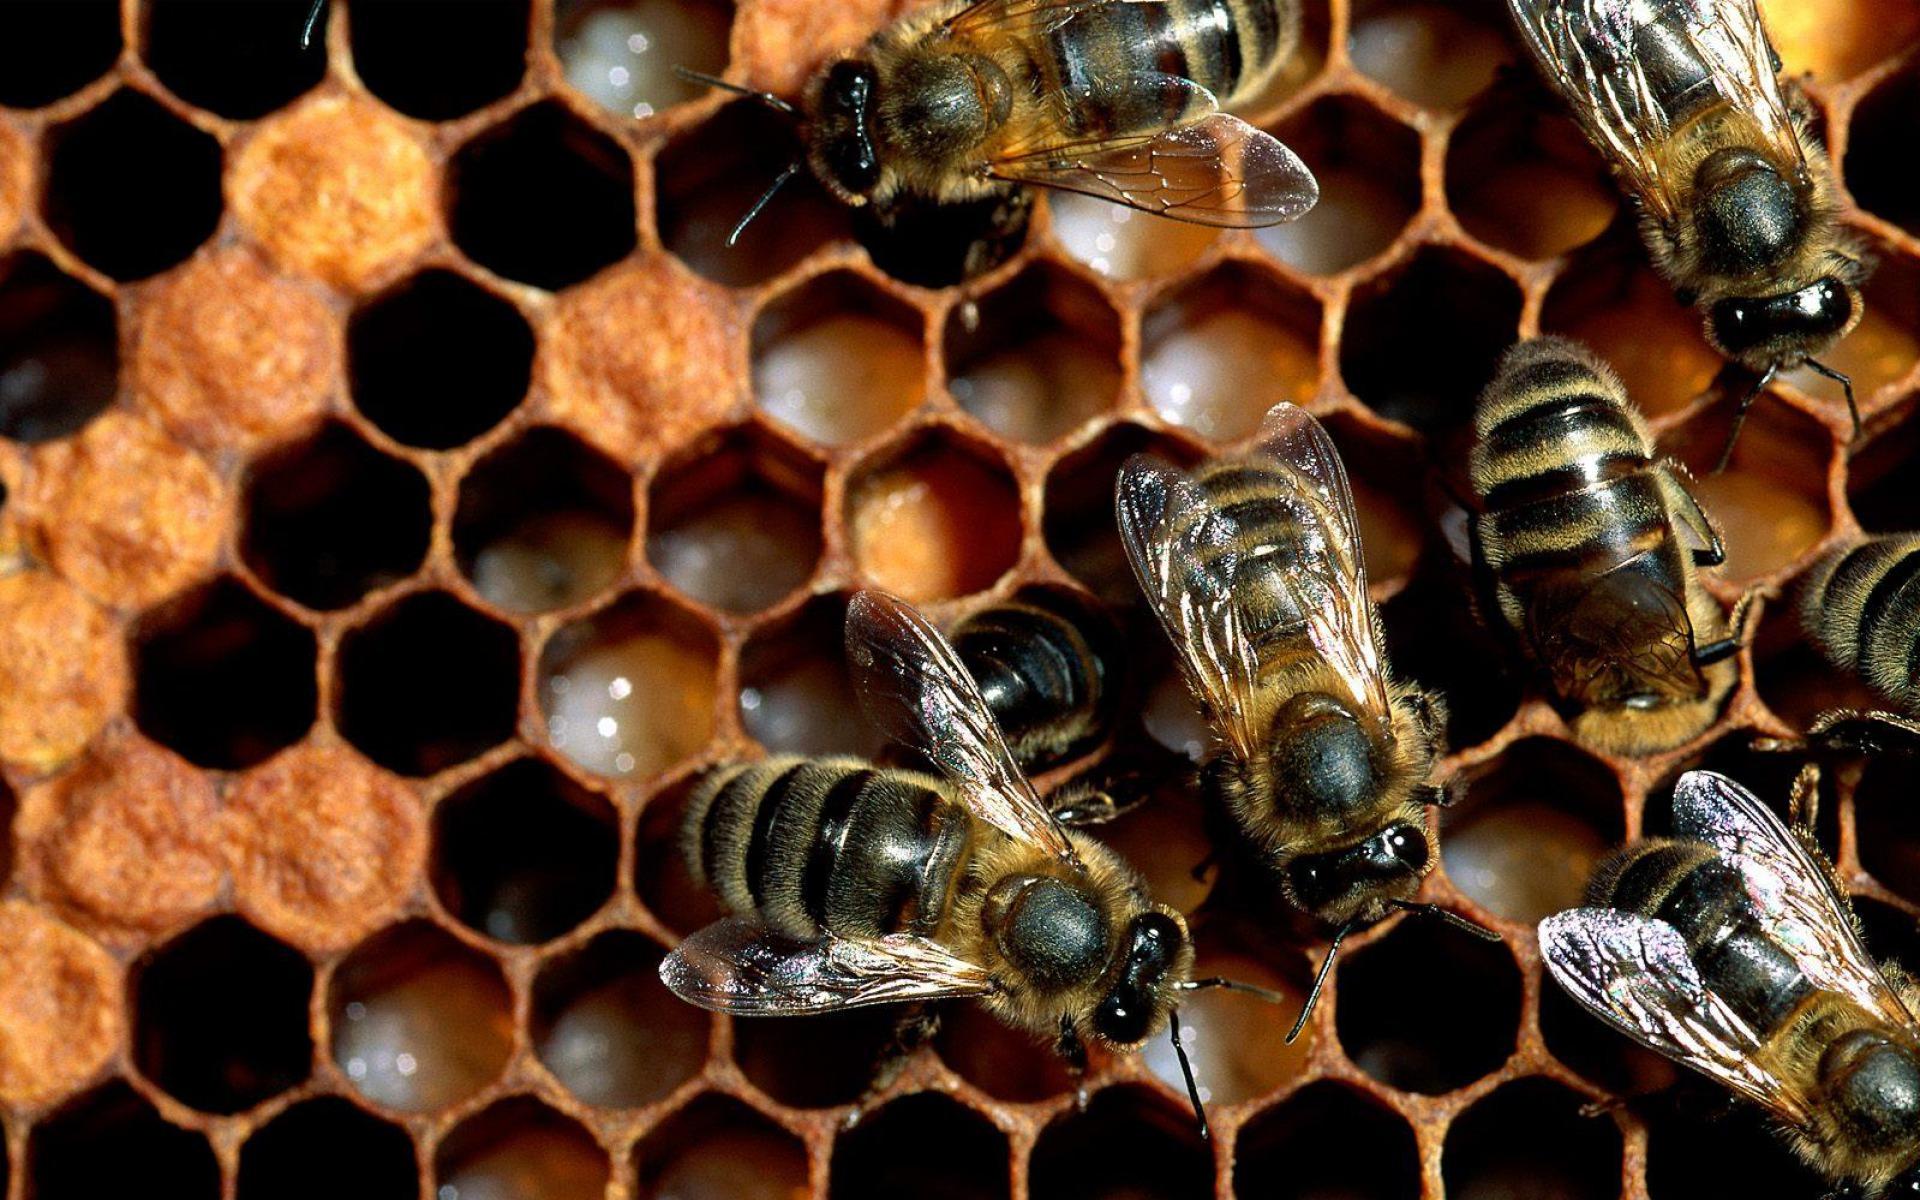 pčele kućanice na saćama